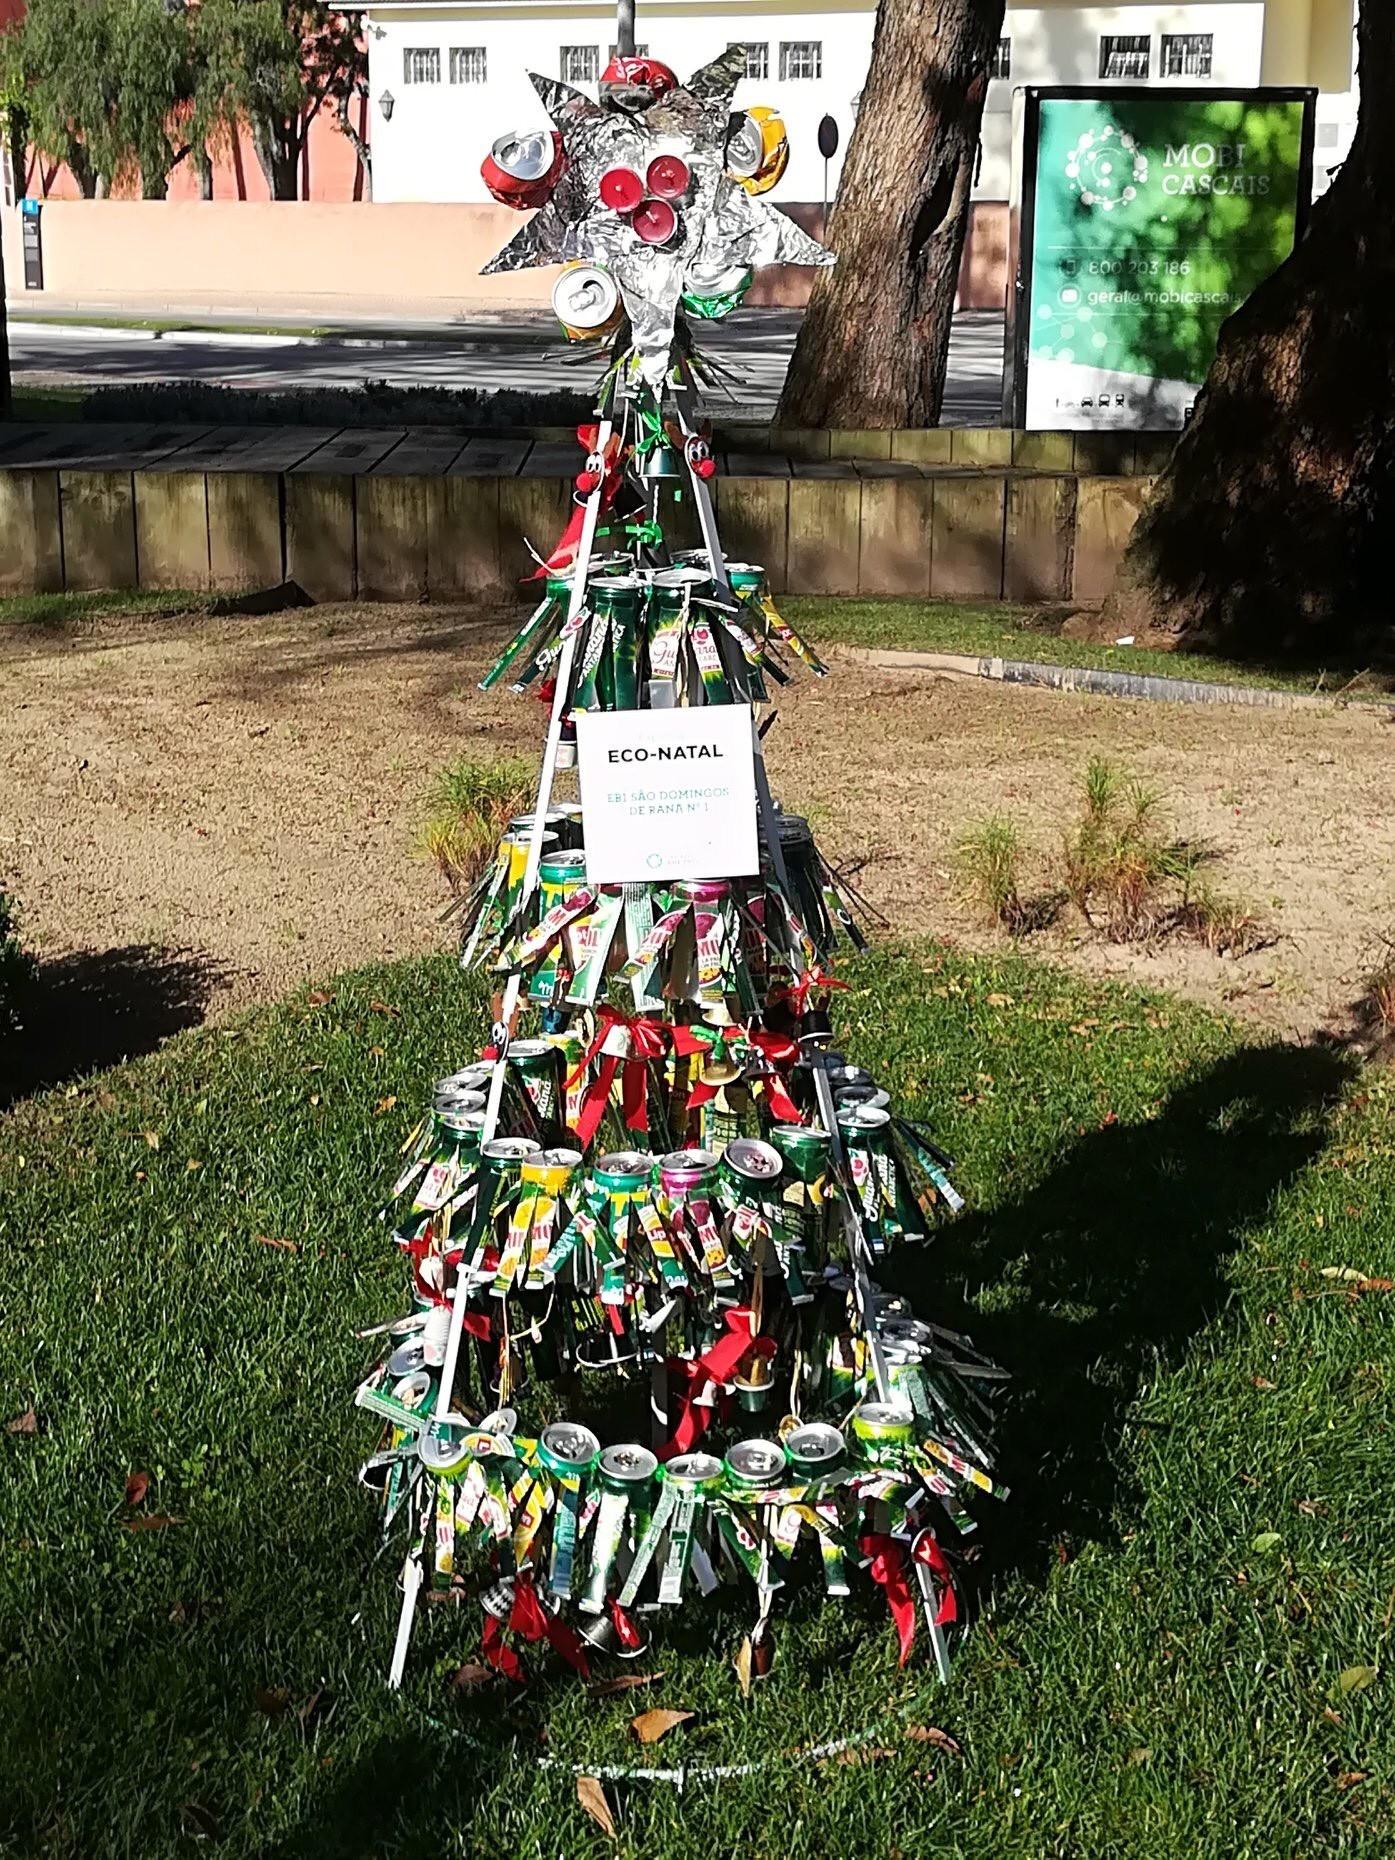 Famlias e amigos chegou a hora de votarmos na eco árvore de Natal da EB1 n1 de S£o Domingos de Rana